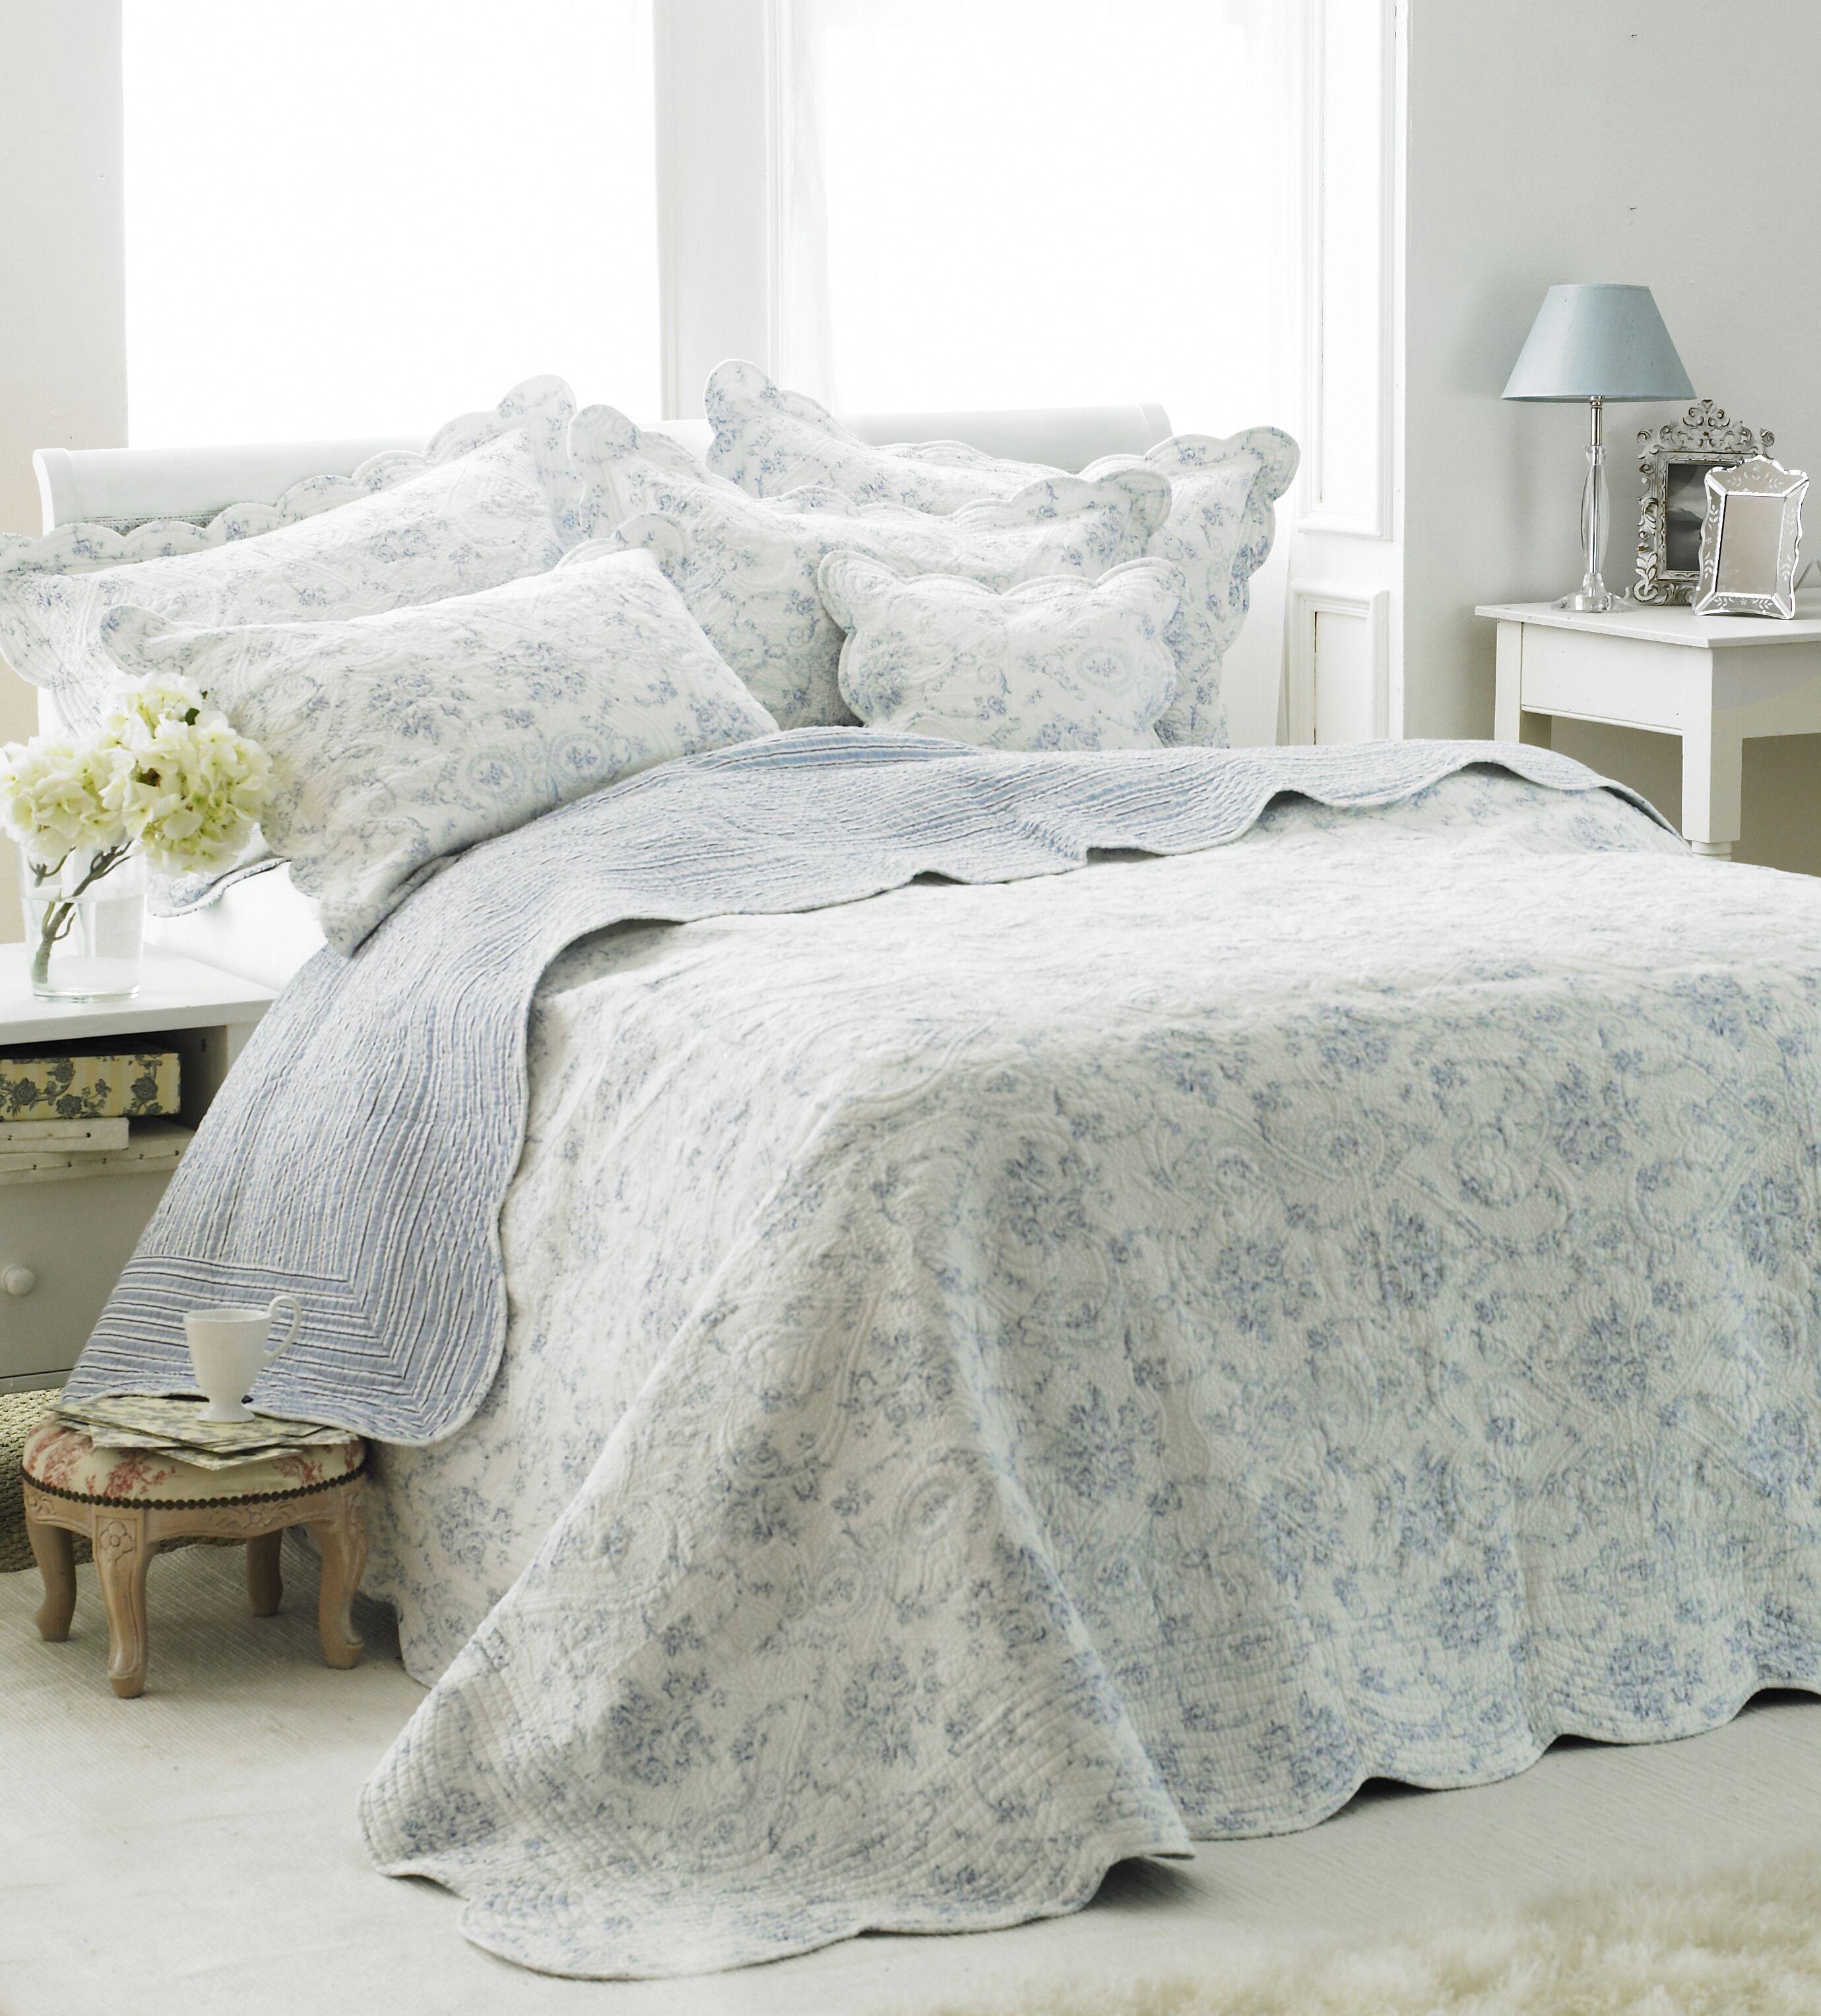 Etoille King Bedspread Blue